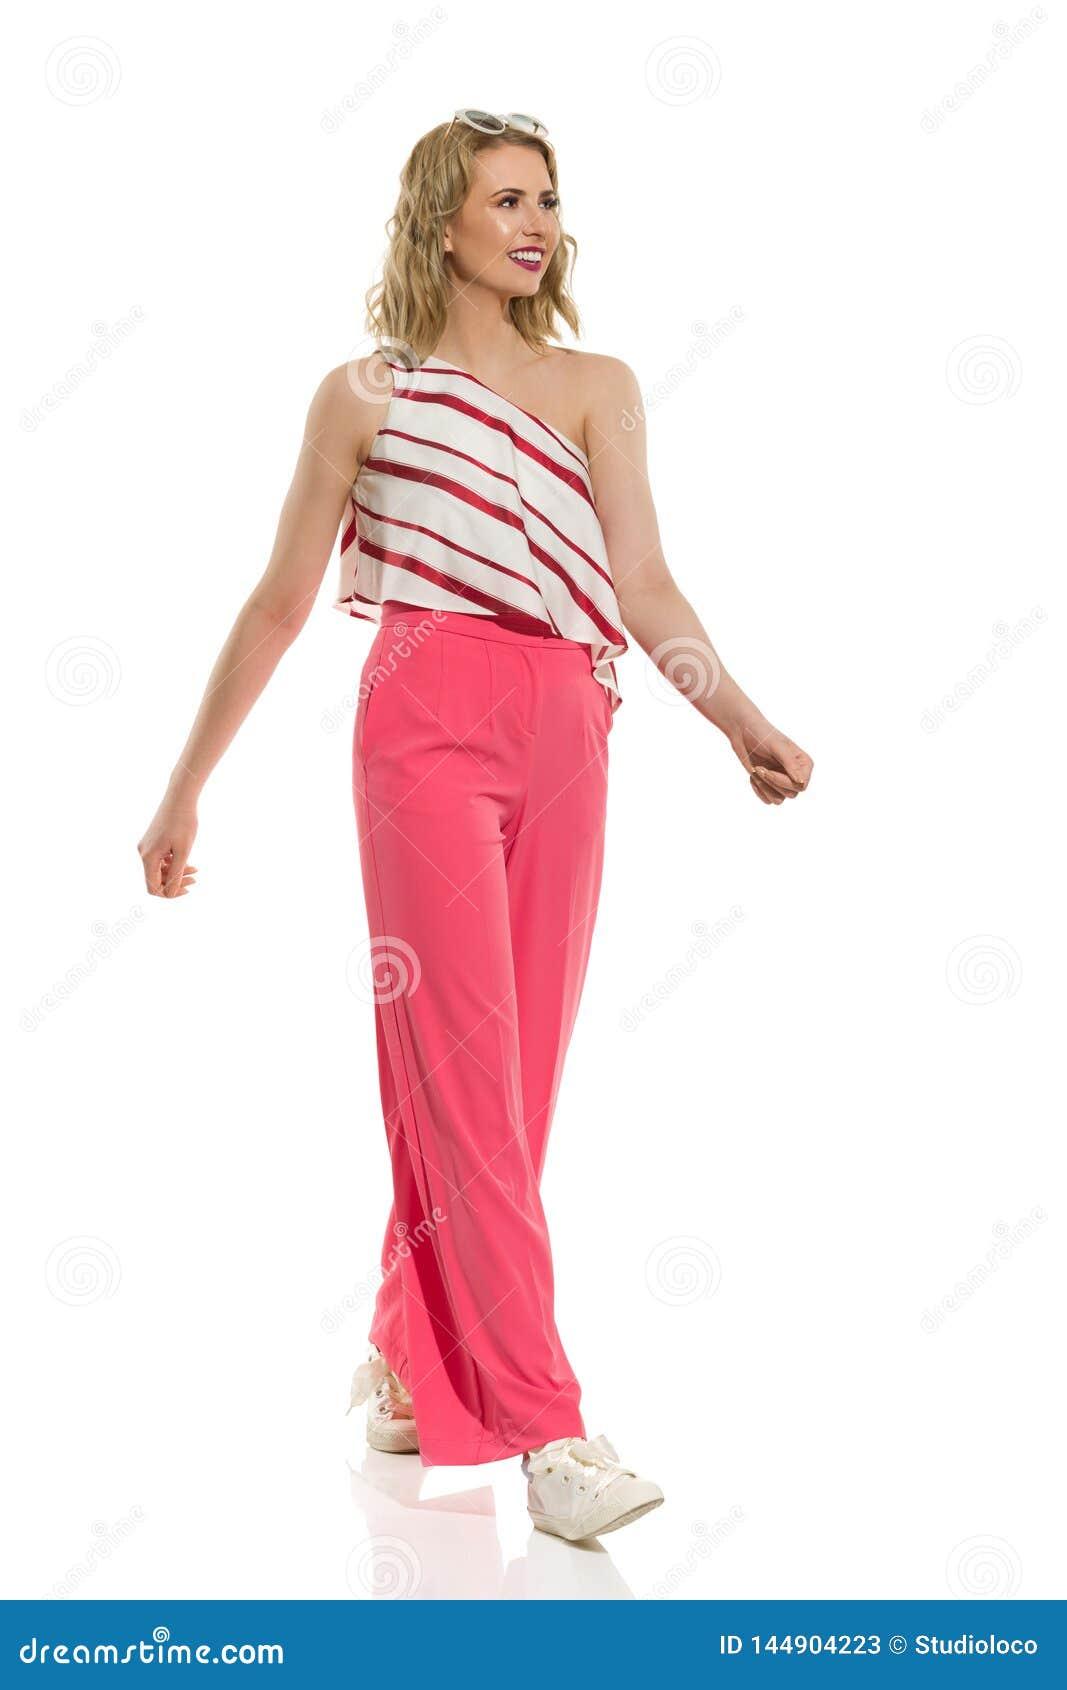 La Mujer Joven Elegante En Pantalones Flojos Rosados Es Que Se Va Y De Mirada Imagen De Archivo Imagen De Elegante Mirada 144904223